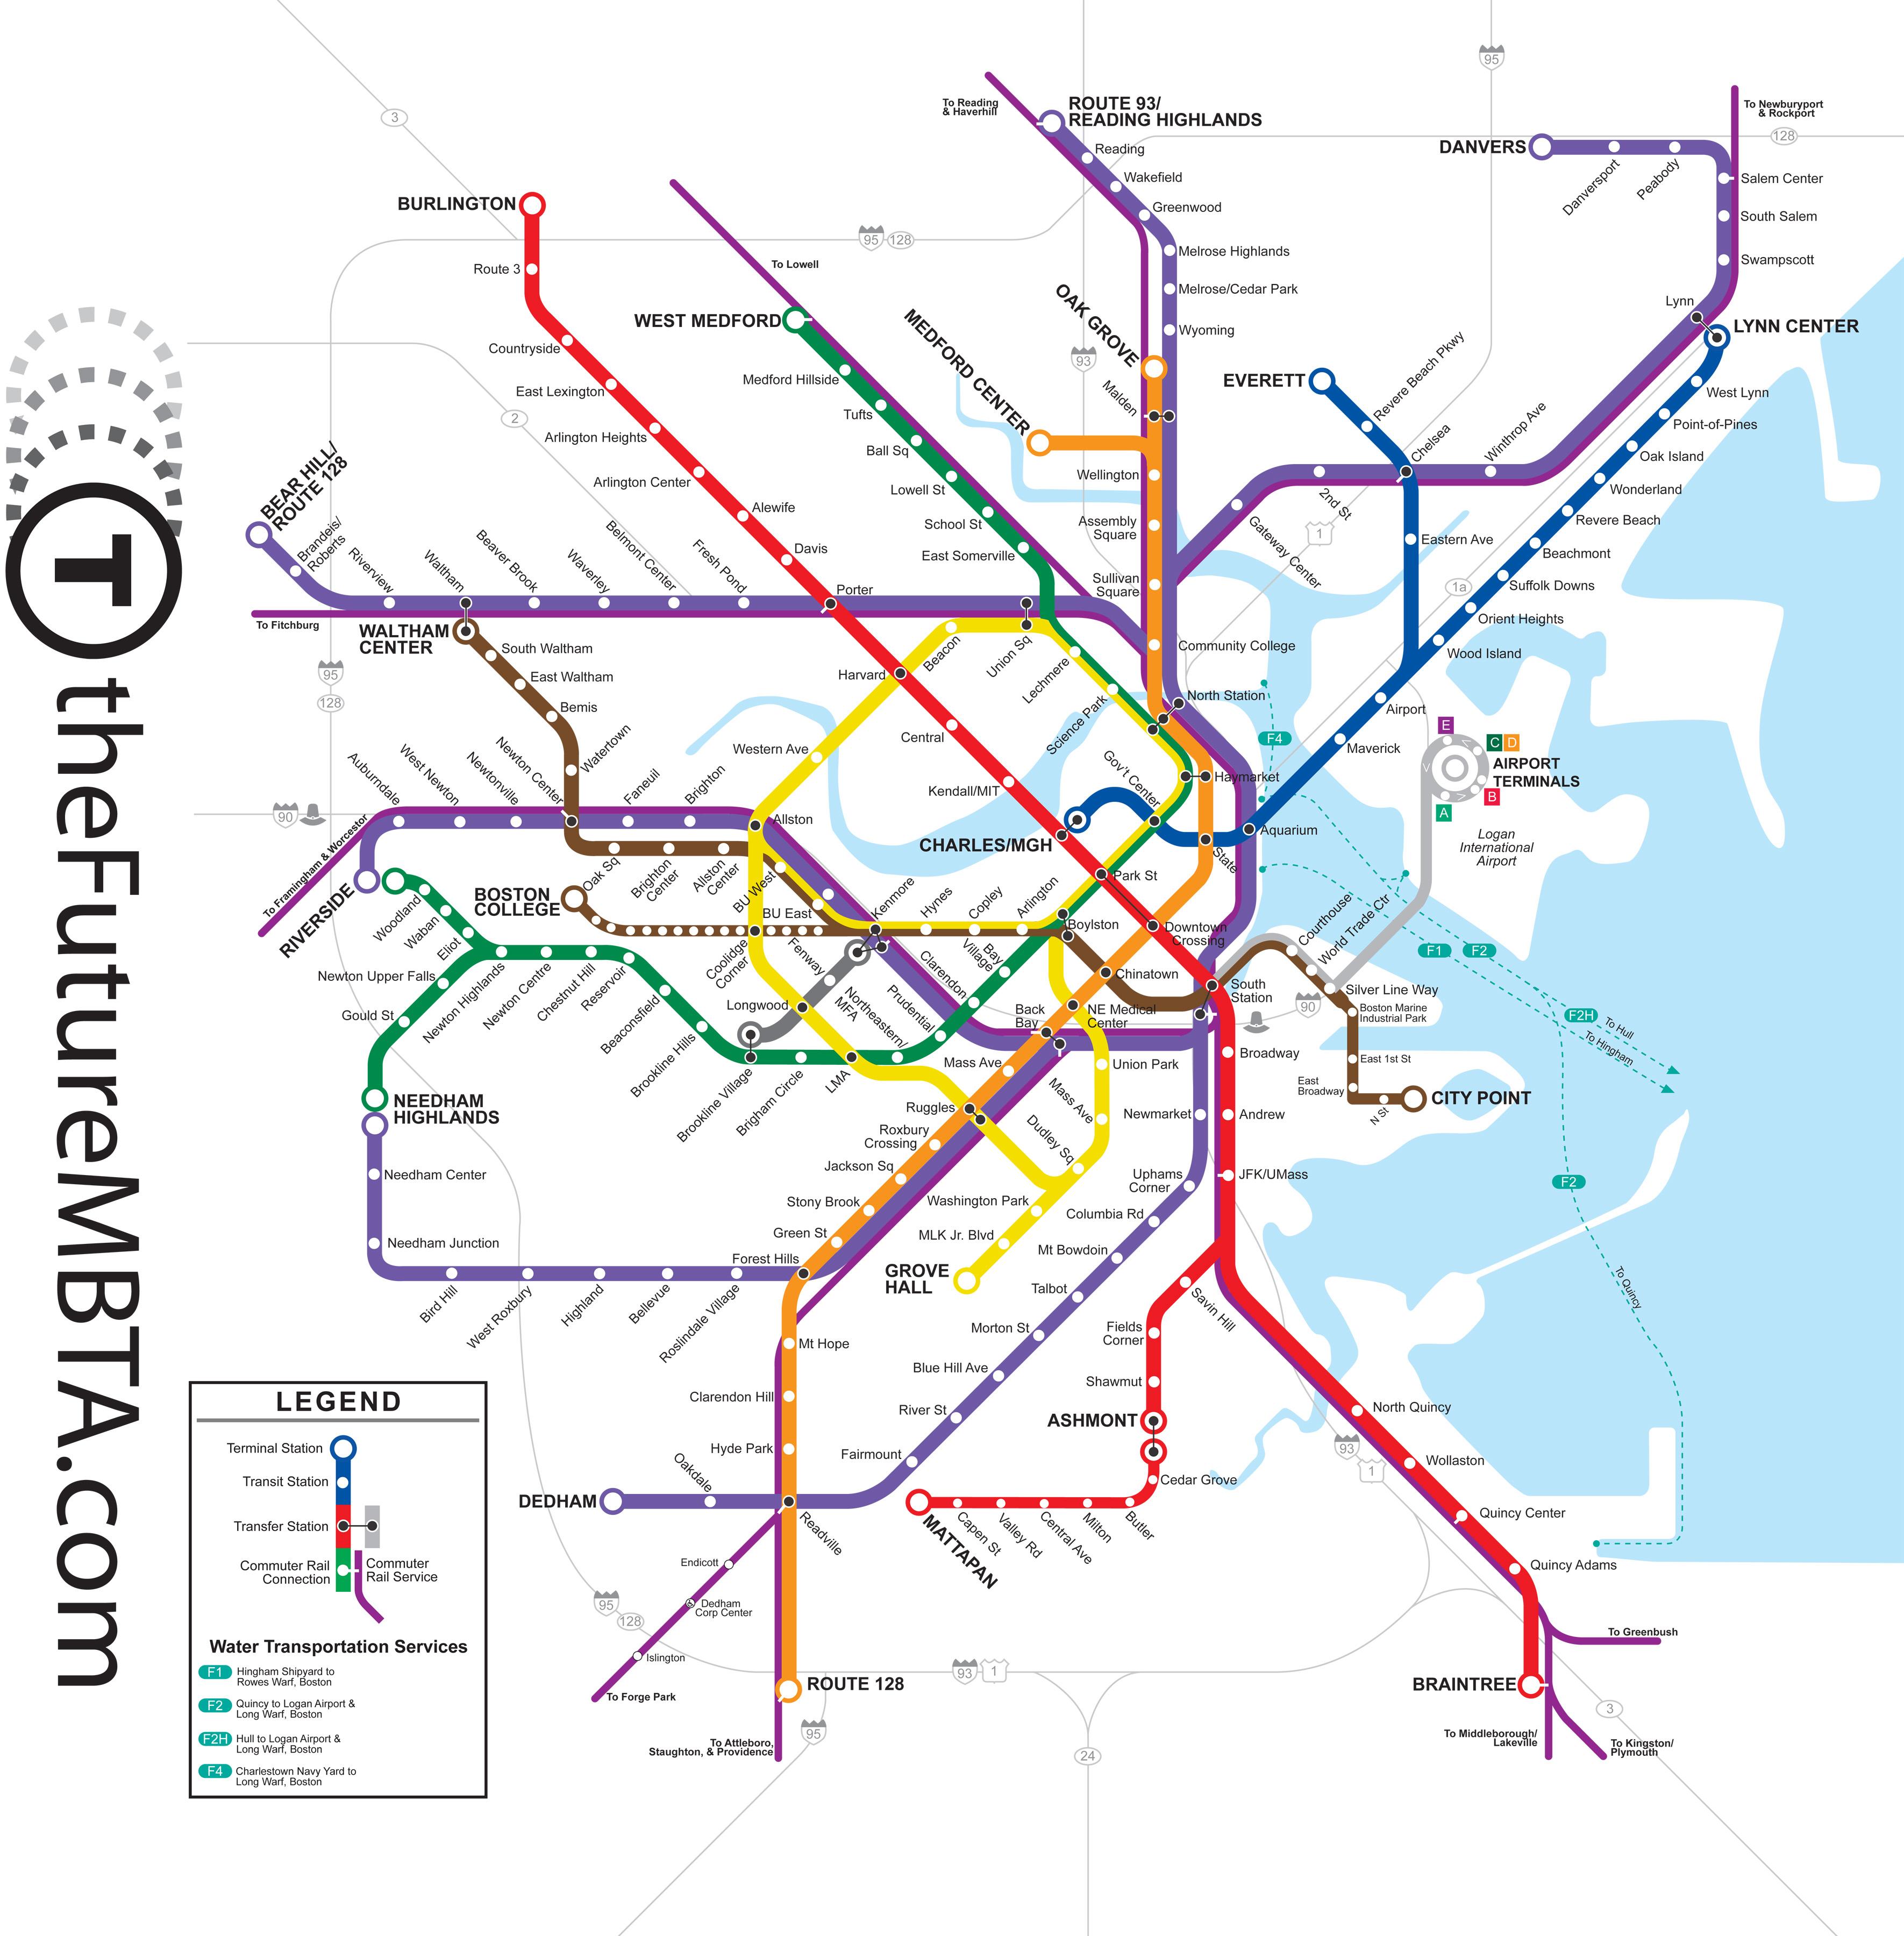 mbta map of boston Futurembta Vanshnookenraggen mbta map of boston